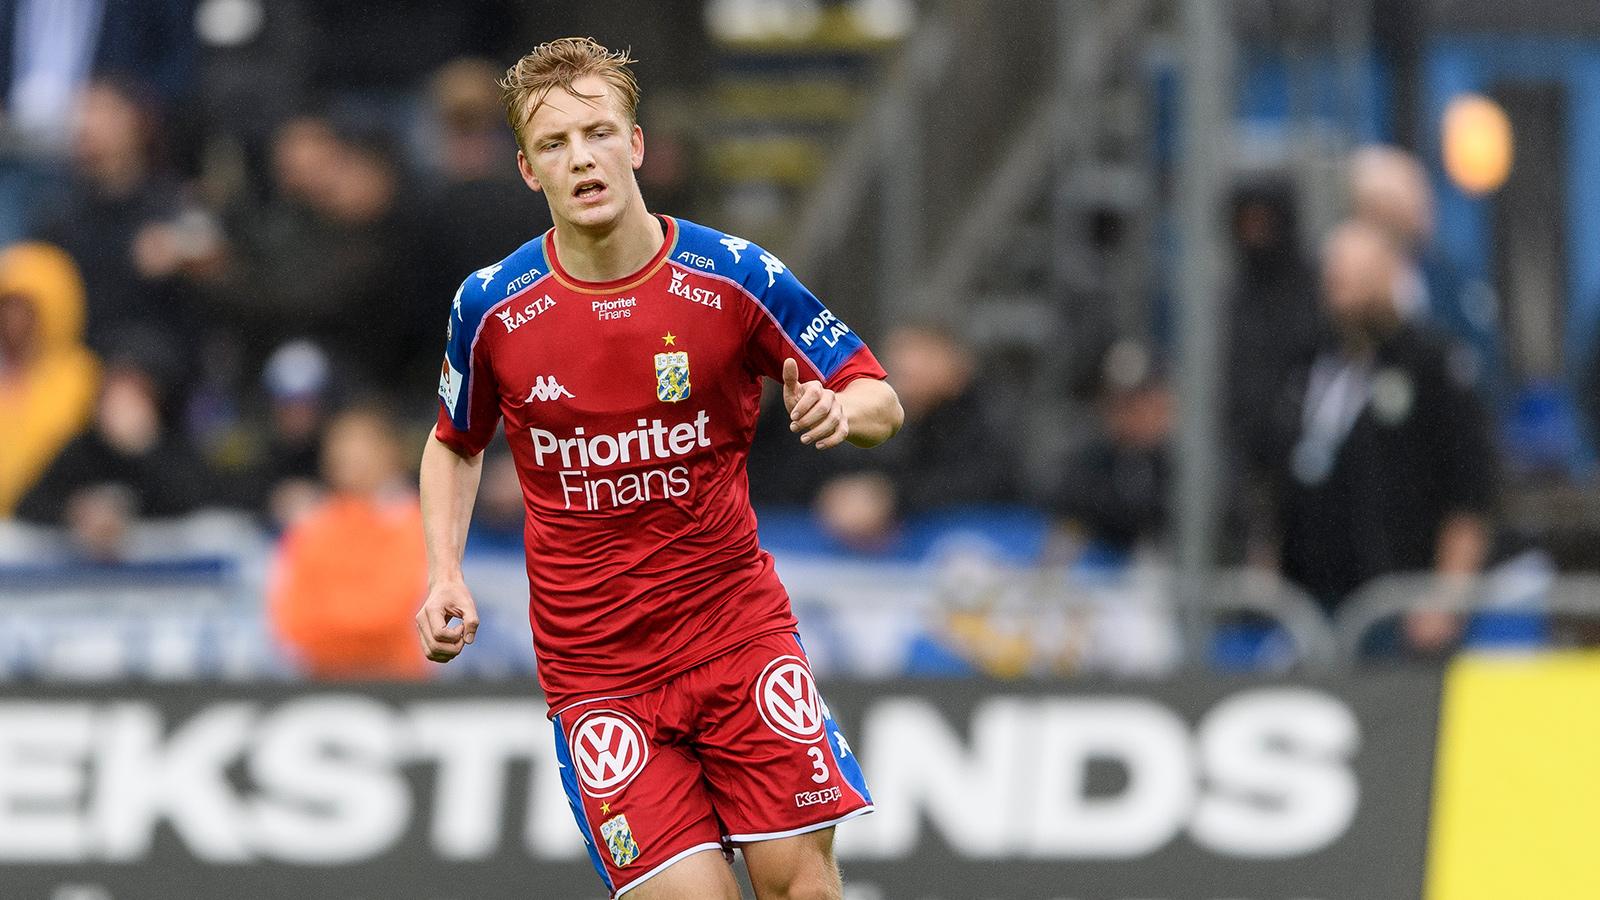 171014 IFK Göteborgs Billy Nordström under fotbollsmatchen i Allsvenskan mellan Halmstad och IFK Göteborg den 14 oktober 2017 i Halmstad.